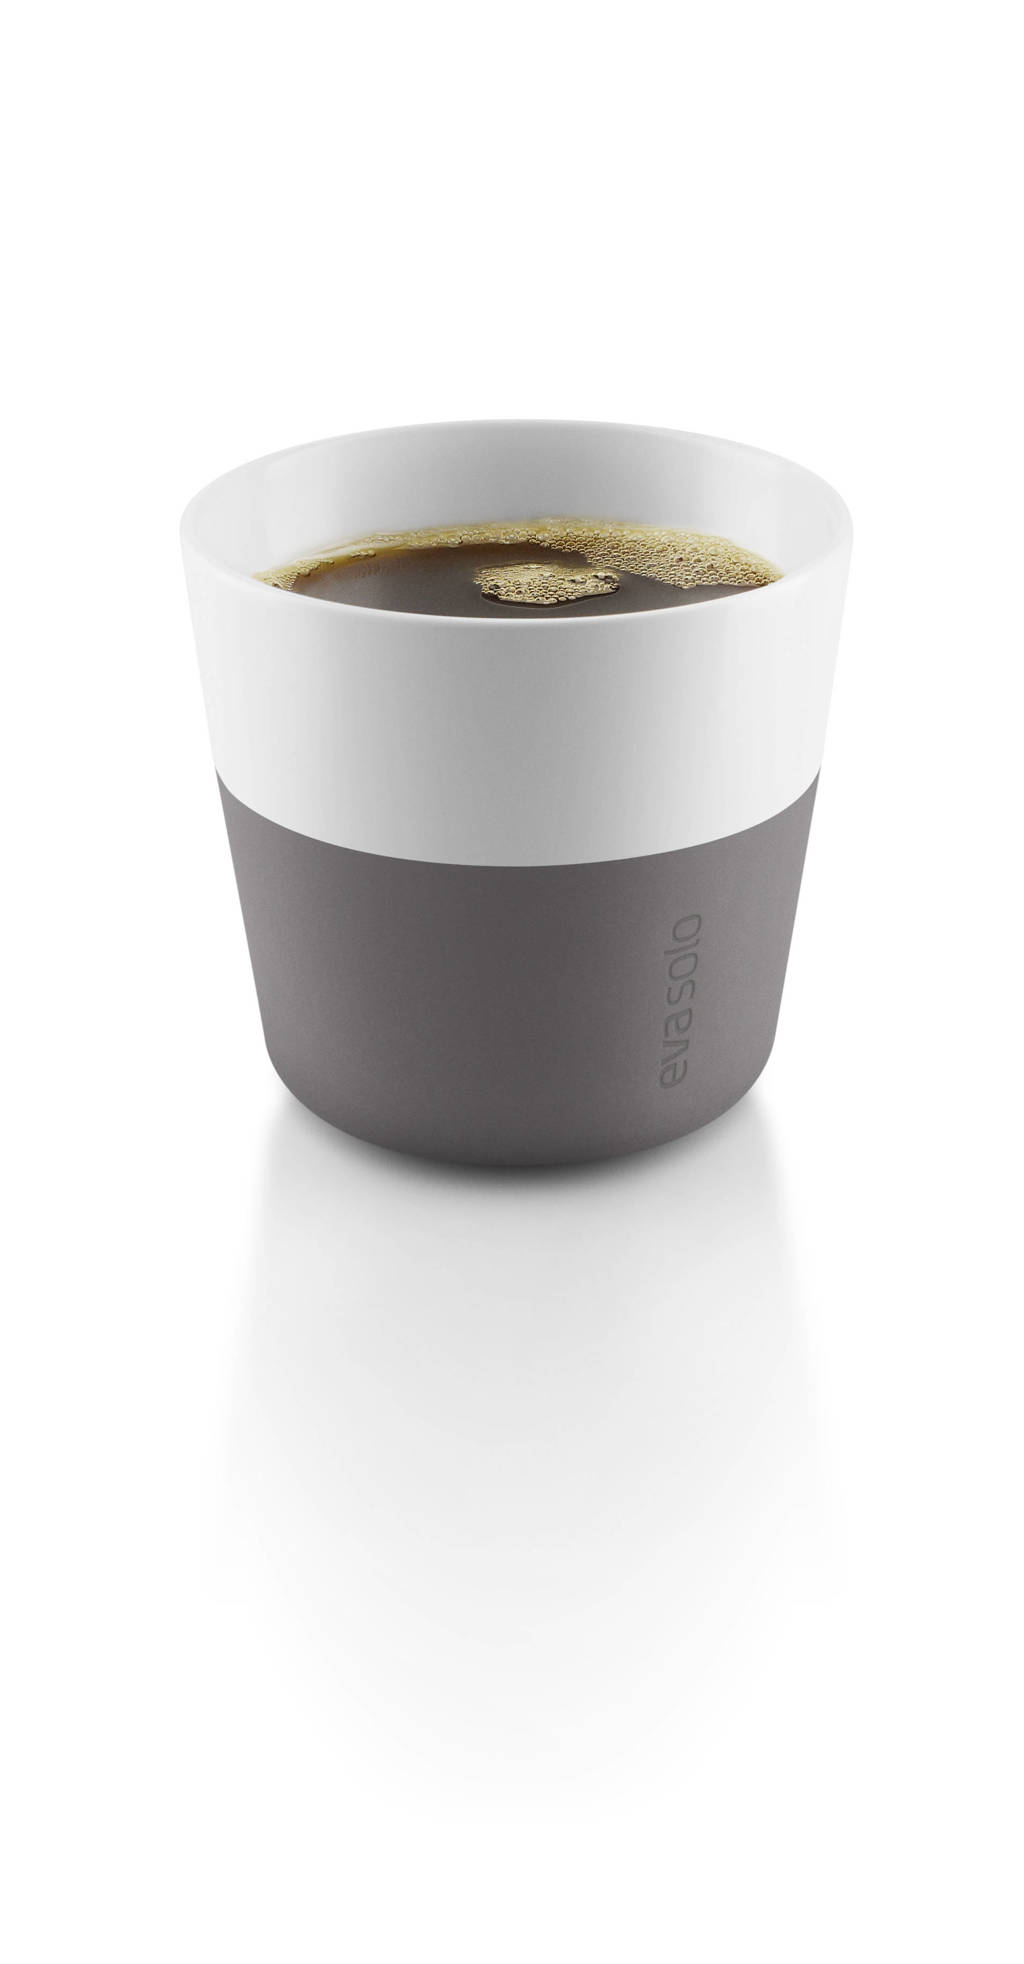 Eva Solo koffiemok (23 cl) (2 stuks), Wit,Grijs